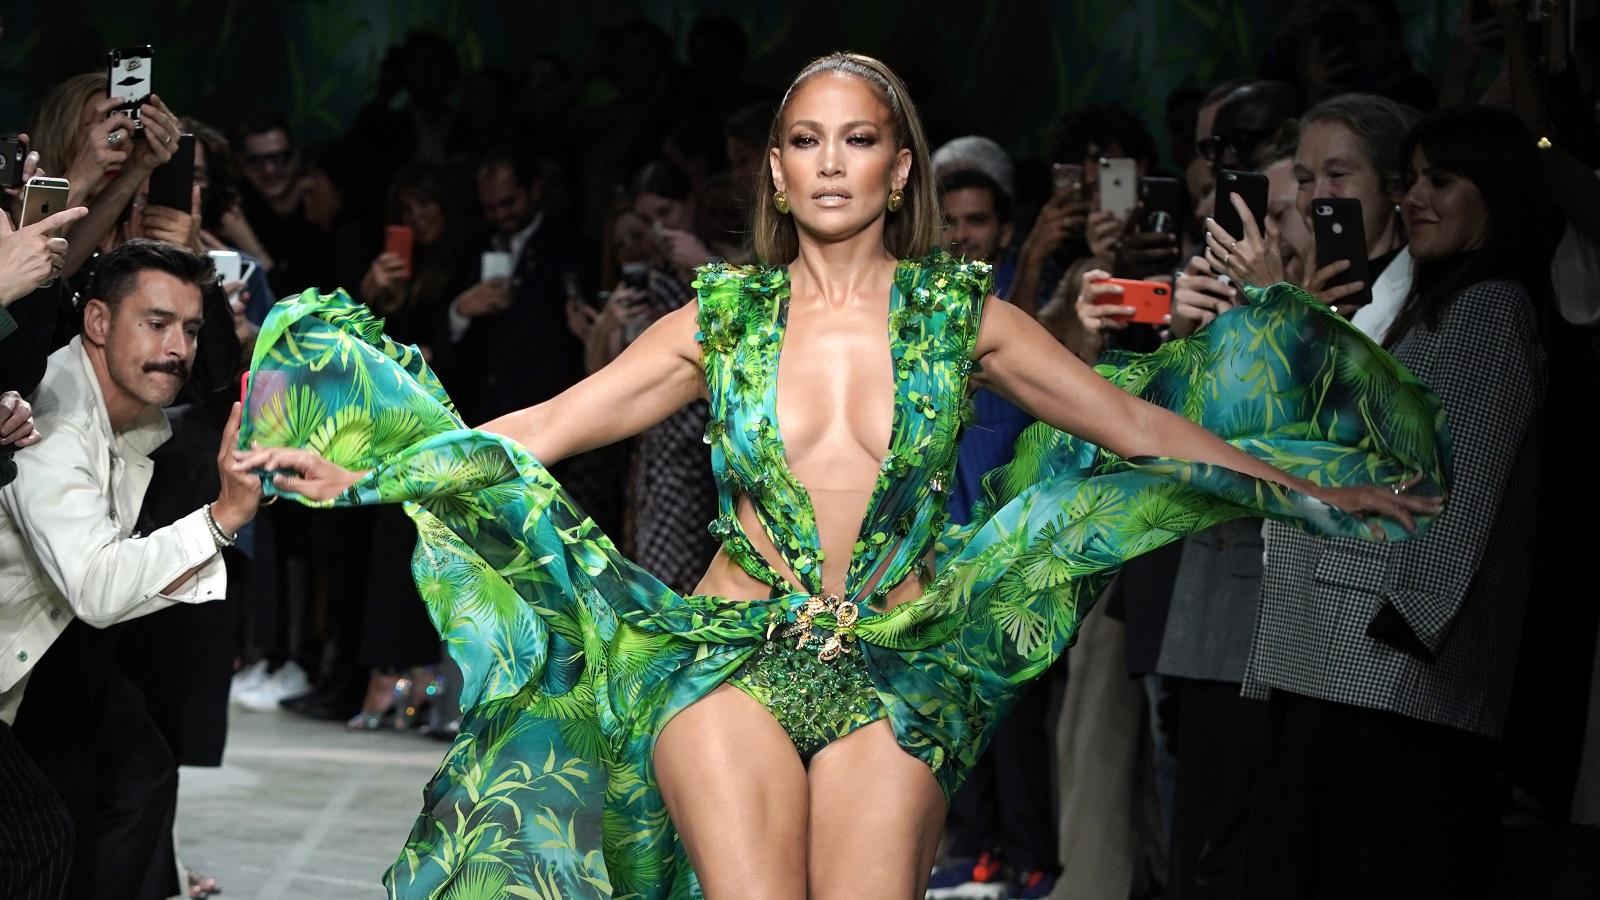 <p>Този път тя се появи с обновен вариант на зелената рокля, отново дело на &quot;Веирсаче&quot;, но по време на модното шоу на Донатела в Милано, на седмицата на модата.</p>